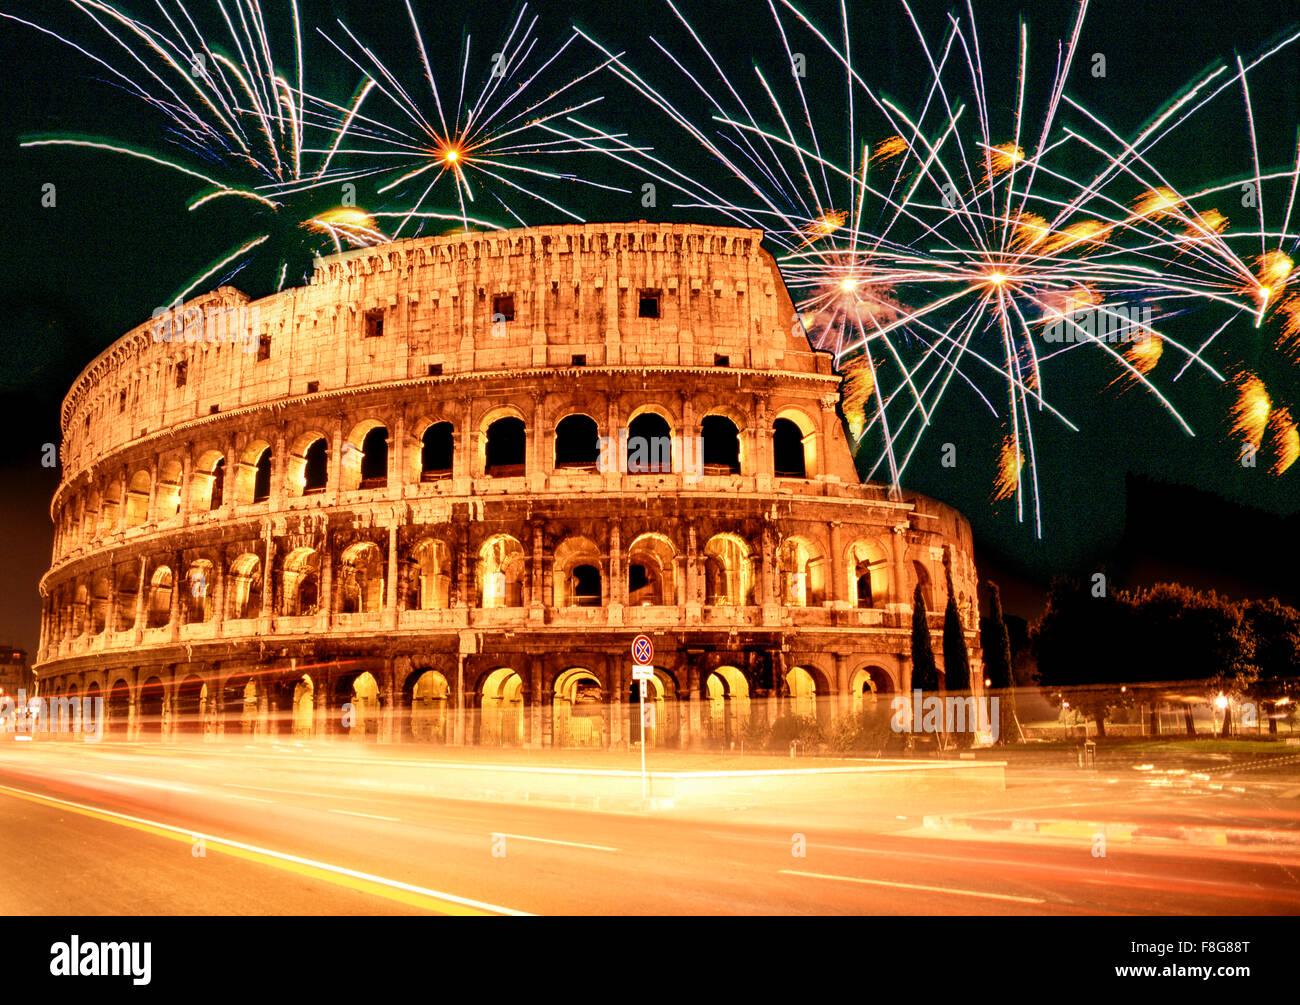 Italien, Rom, Kolosseum, Feuerwerk, komponieren, Silvester, sylvester Stockbild